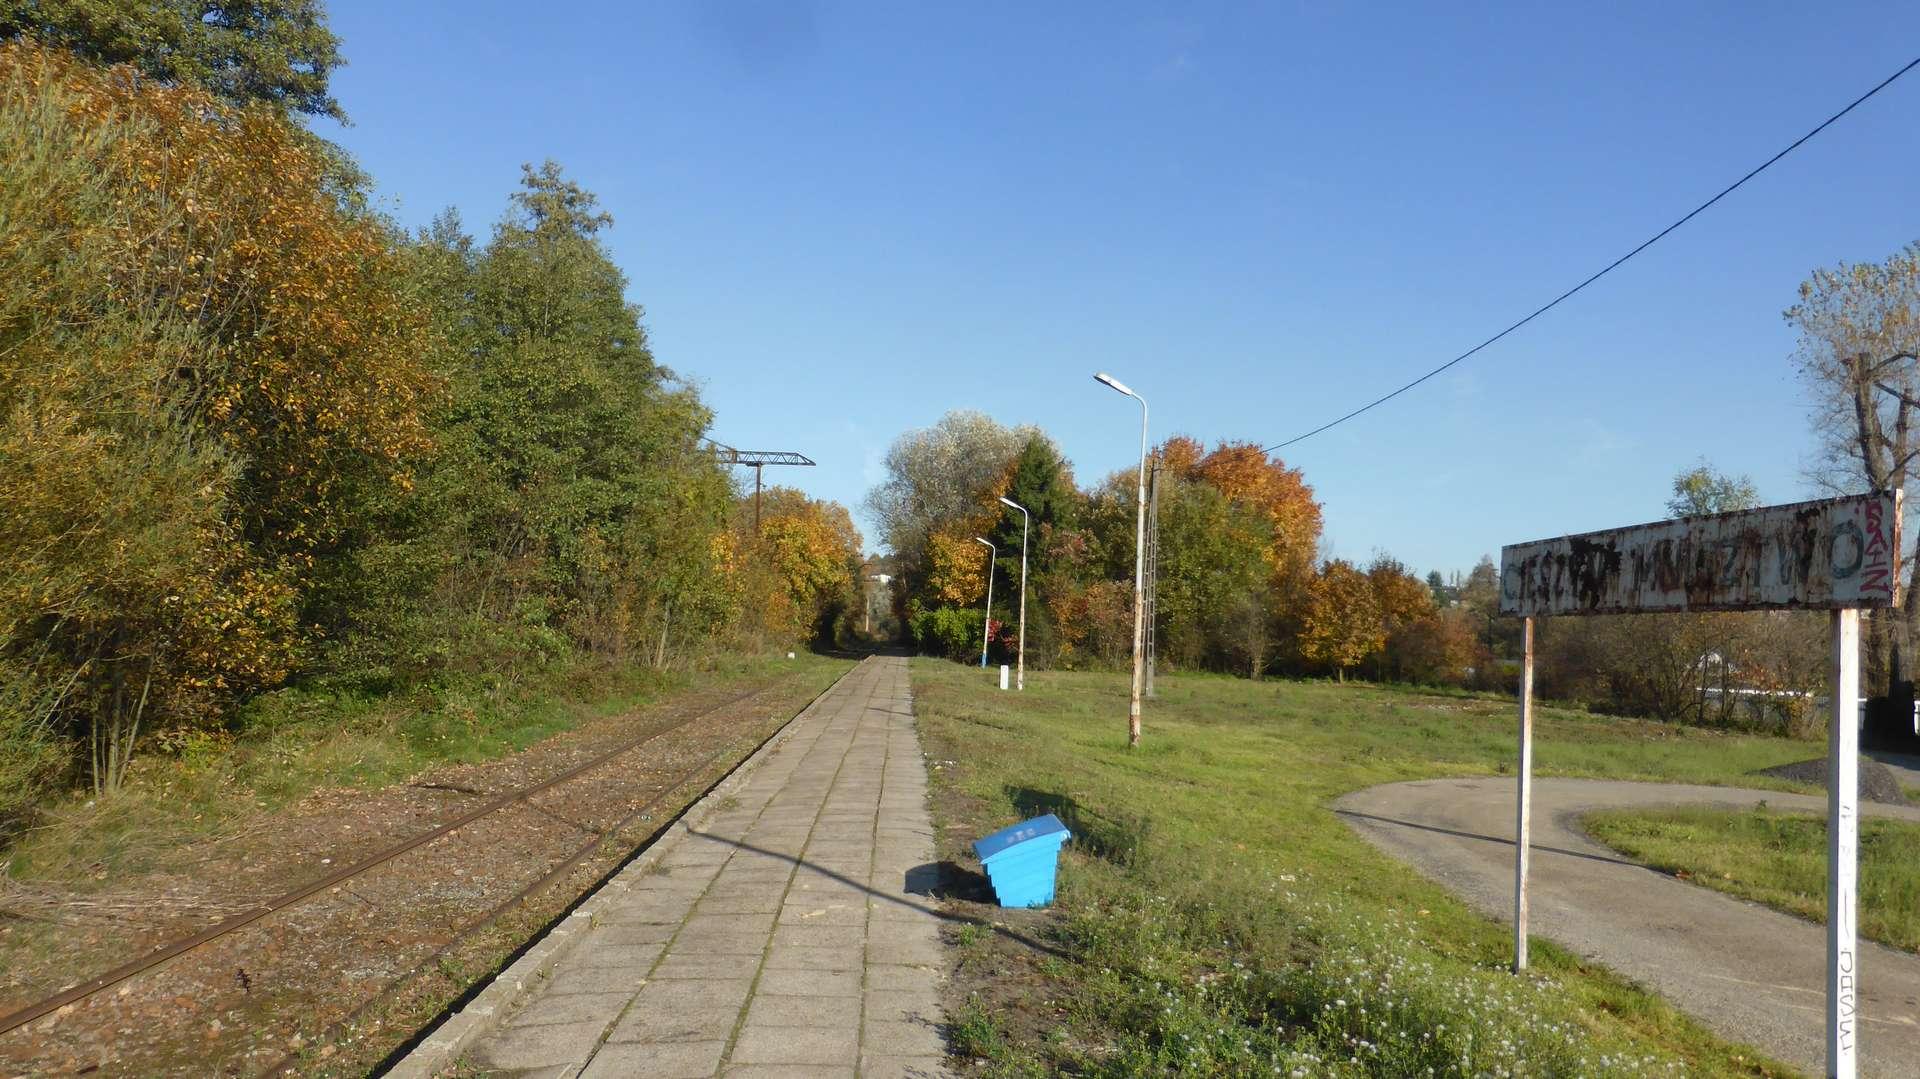 Stacja Cieszyn-Mnisztwo.